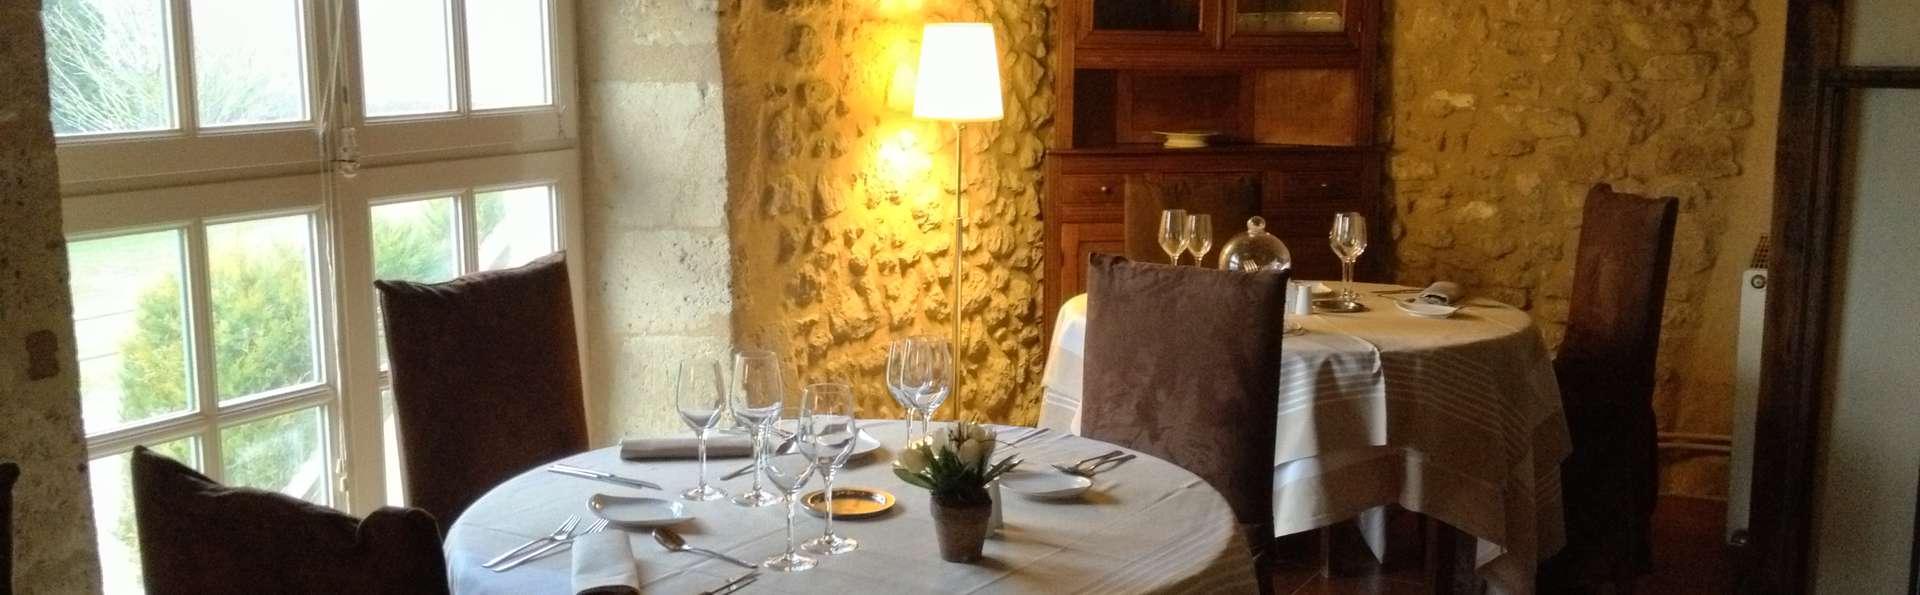 Week end avec d ner bell me 61 avec 1 d ner 3 plats pour 2 adultes partir - Restaurant belleme perche ...